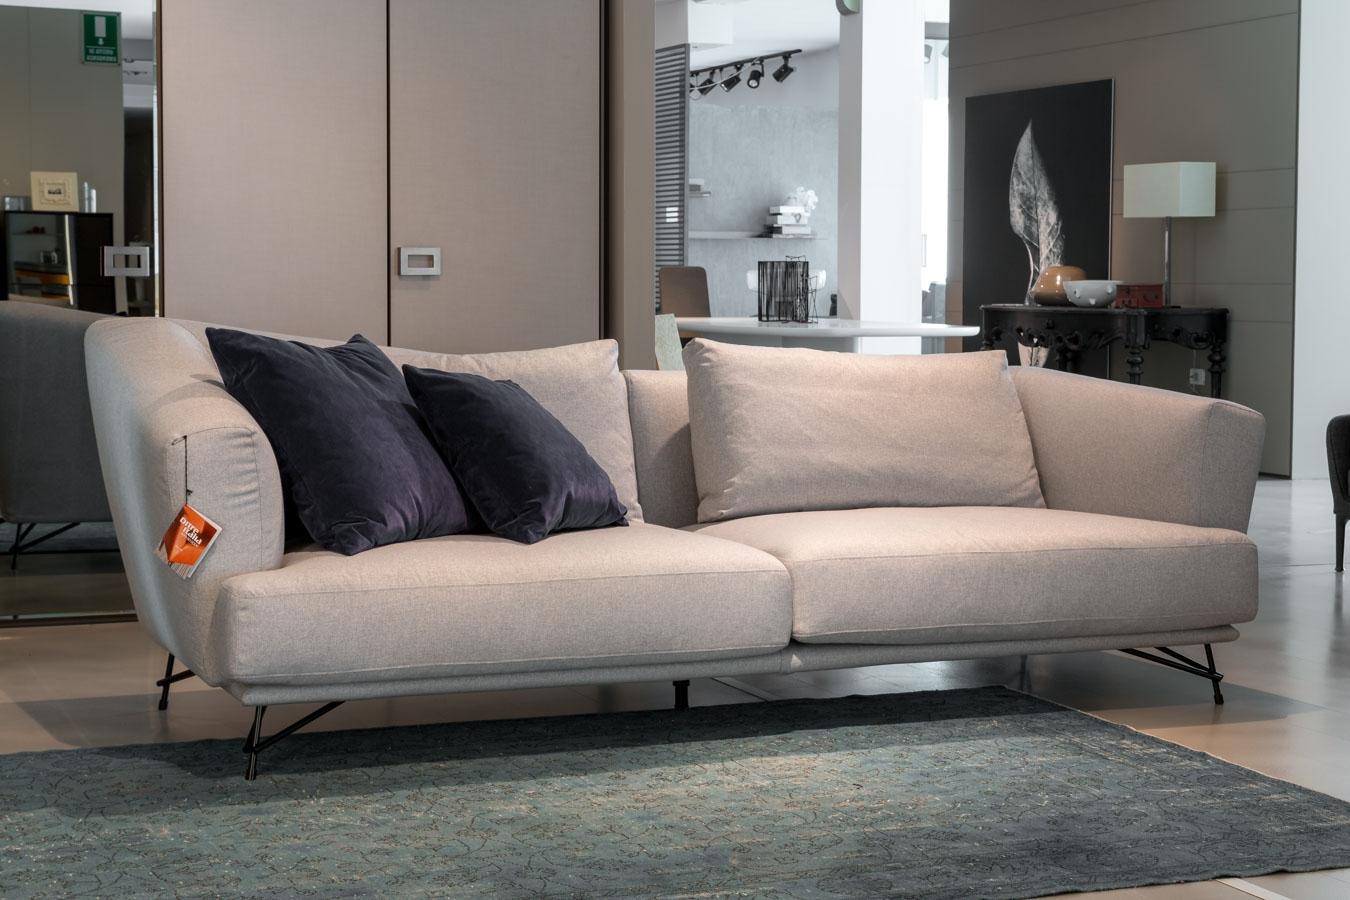 Divani Poliform Offerta : Ditre italia divano lennox sconto divani a prezzi